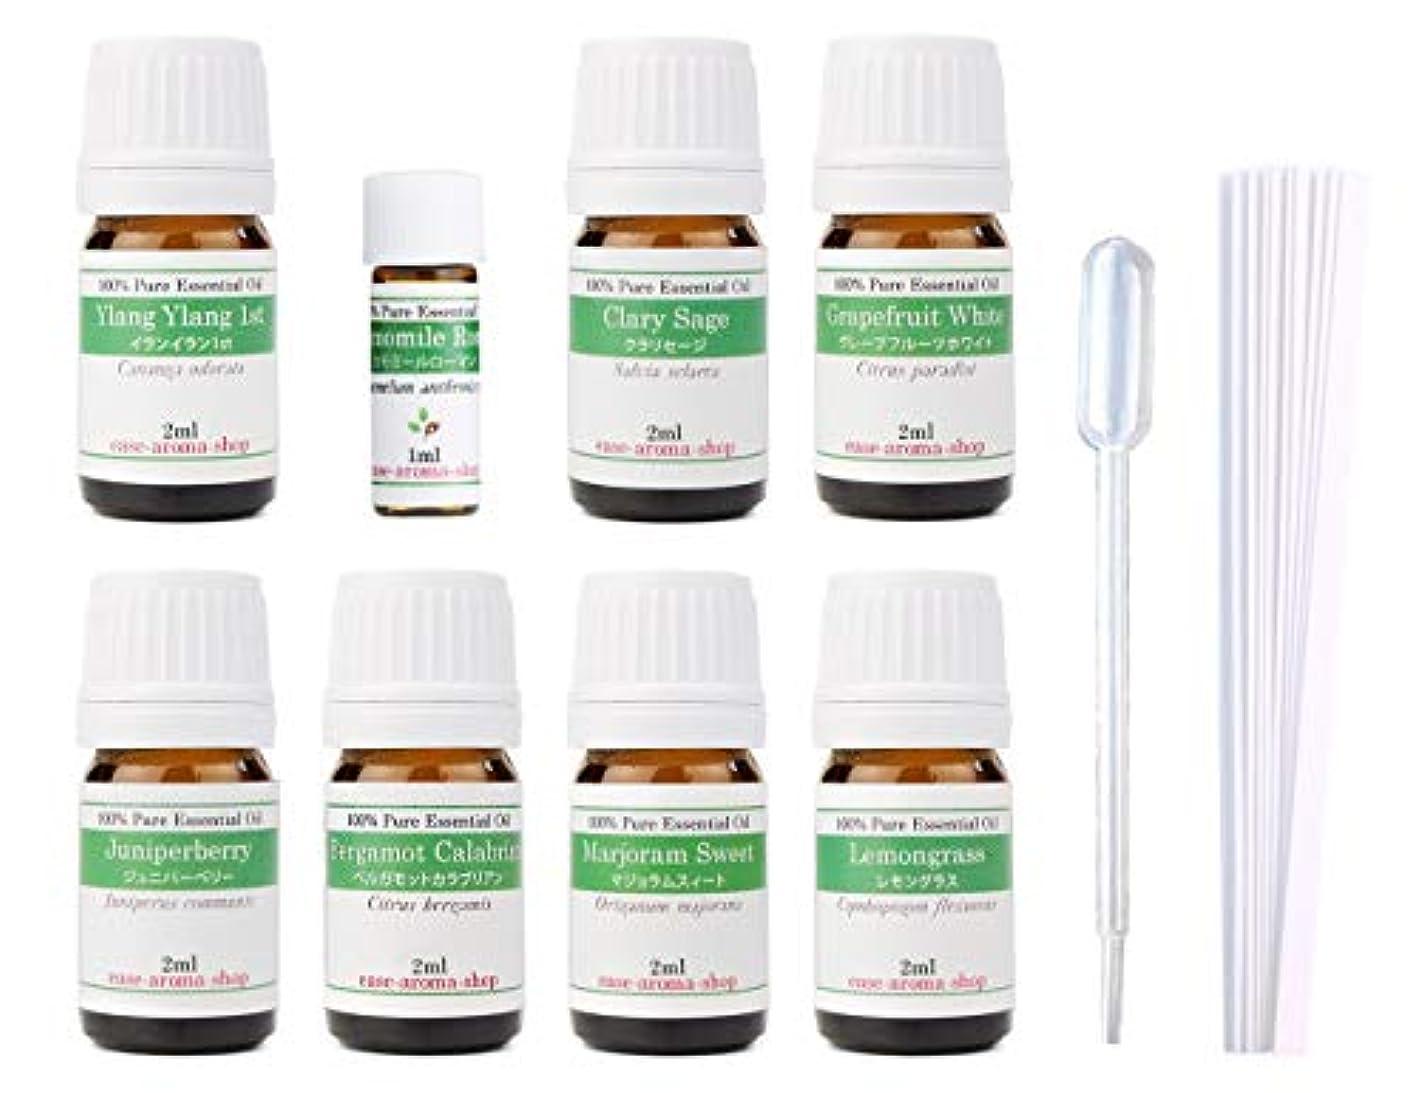 蜂一般的な輝度【2019年改訂版】ease AEAJアロマテラピー検定香りテスト対象精油セット 揃えておきたい基本の精油 1級 8本セット各2ml